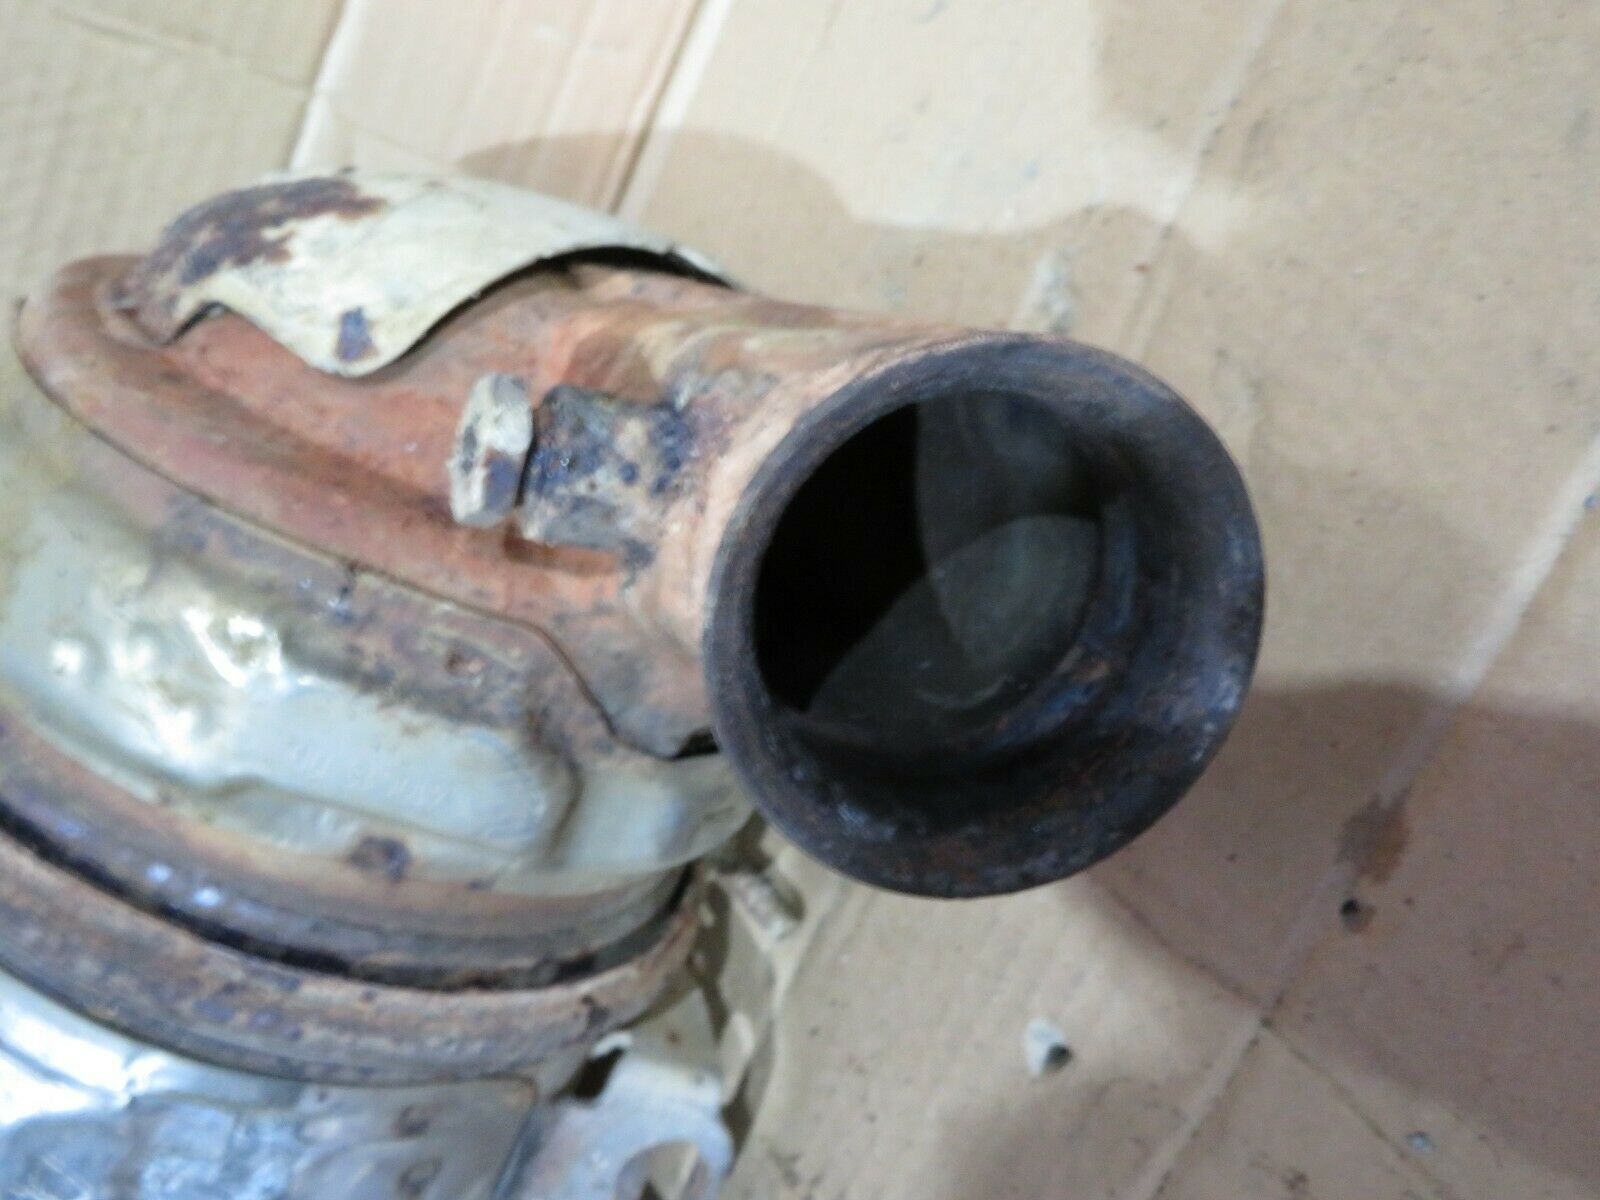 CITROEN BERLINGO B9 VAN 10-18 1 6 HDI DPF CATALYTIC CONVERTER P/N:  9676884980